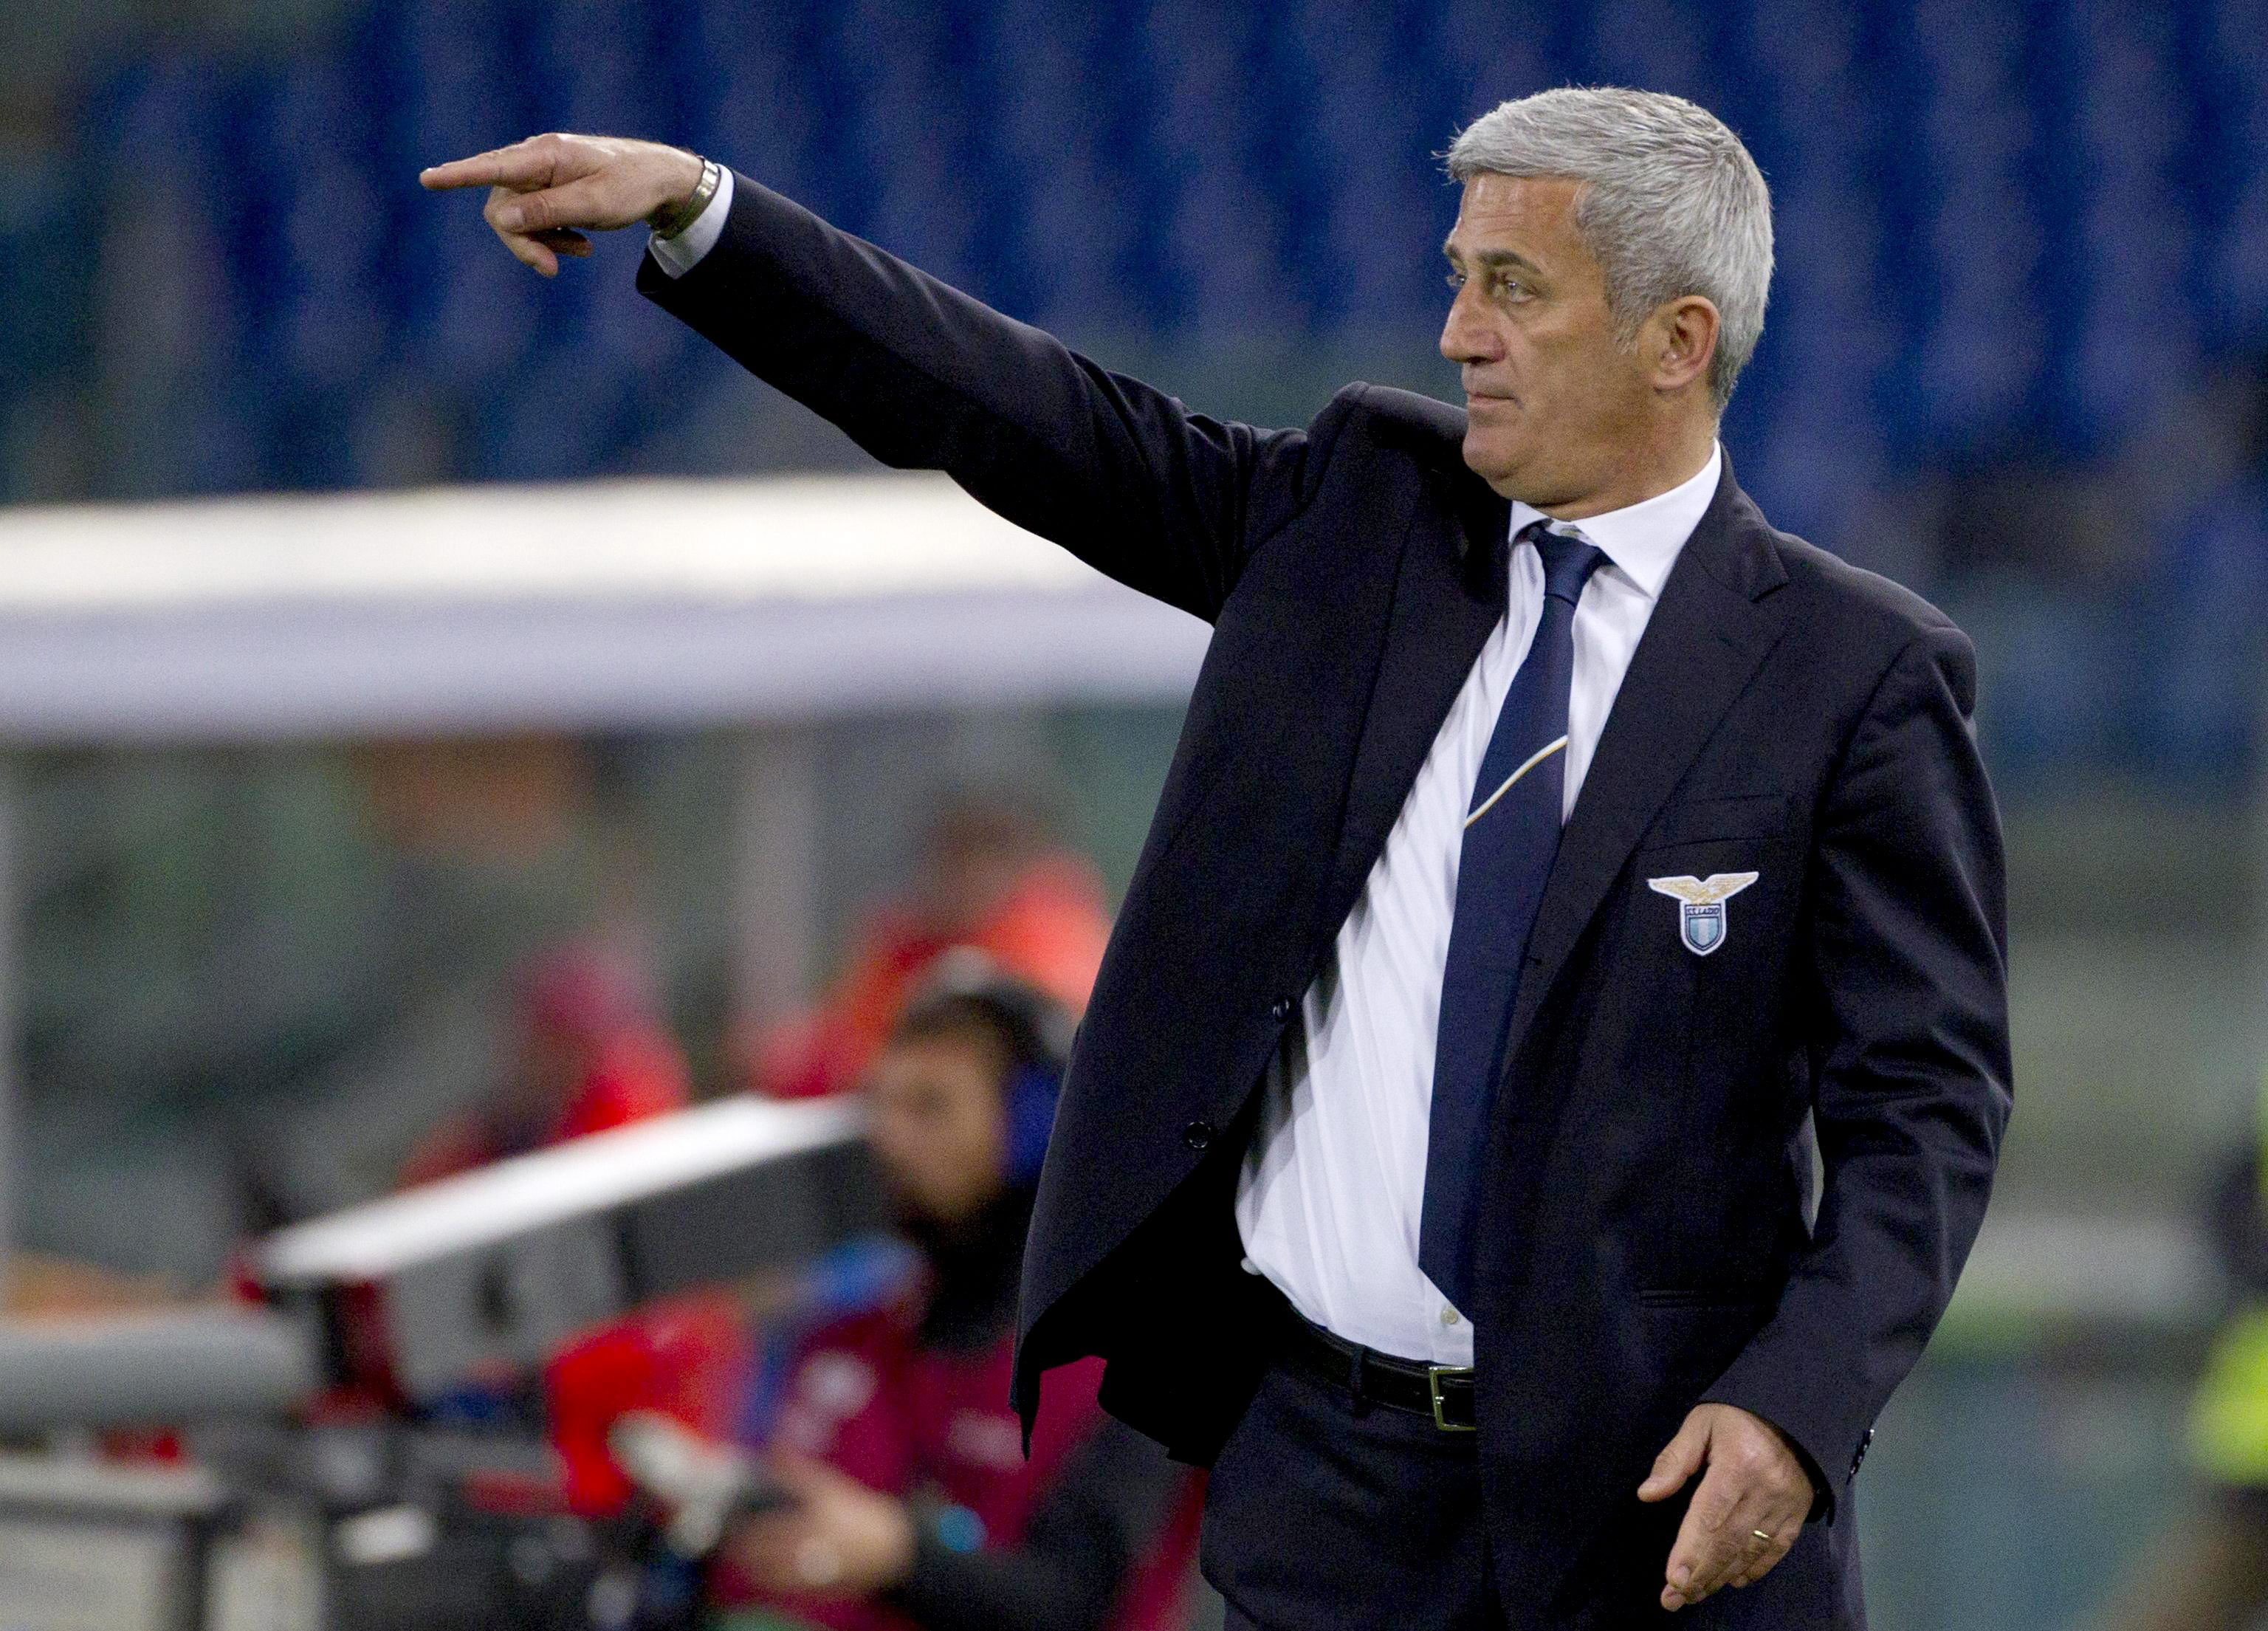 El apasionante derbi Lazio-Roma, la final inédita de la Copa Italia